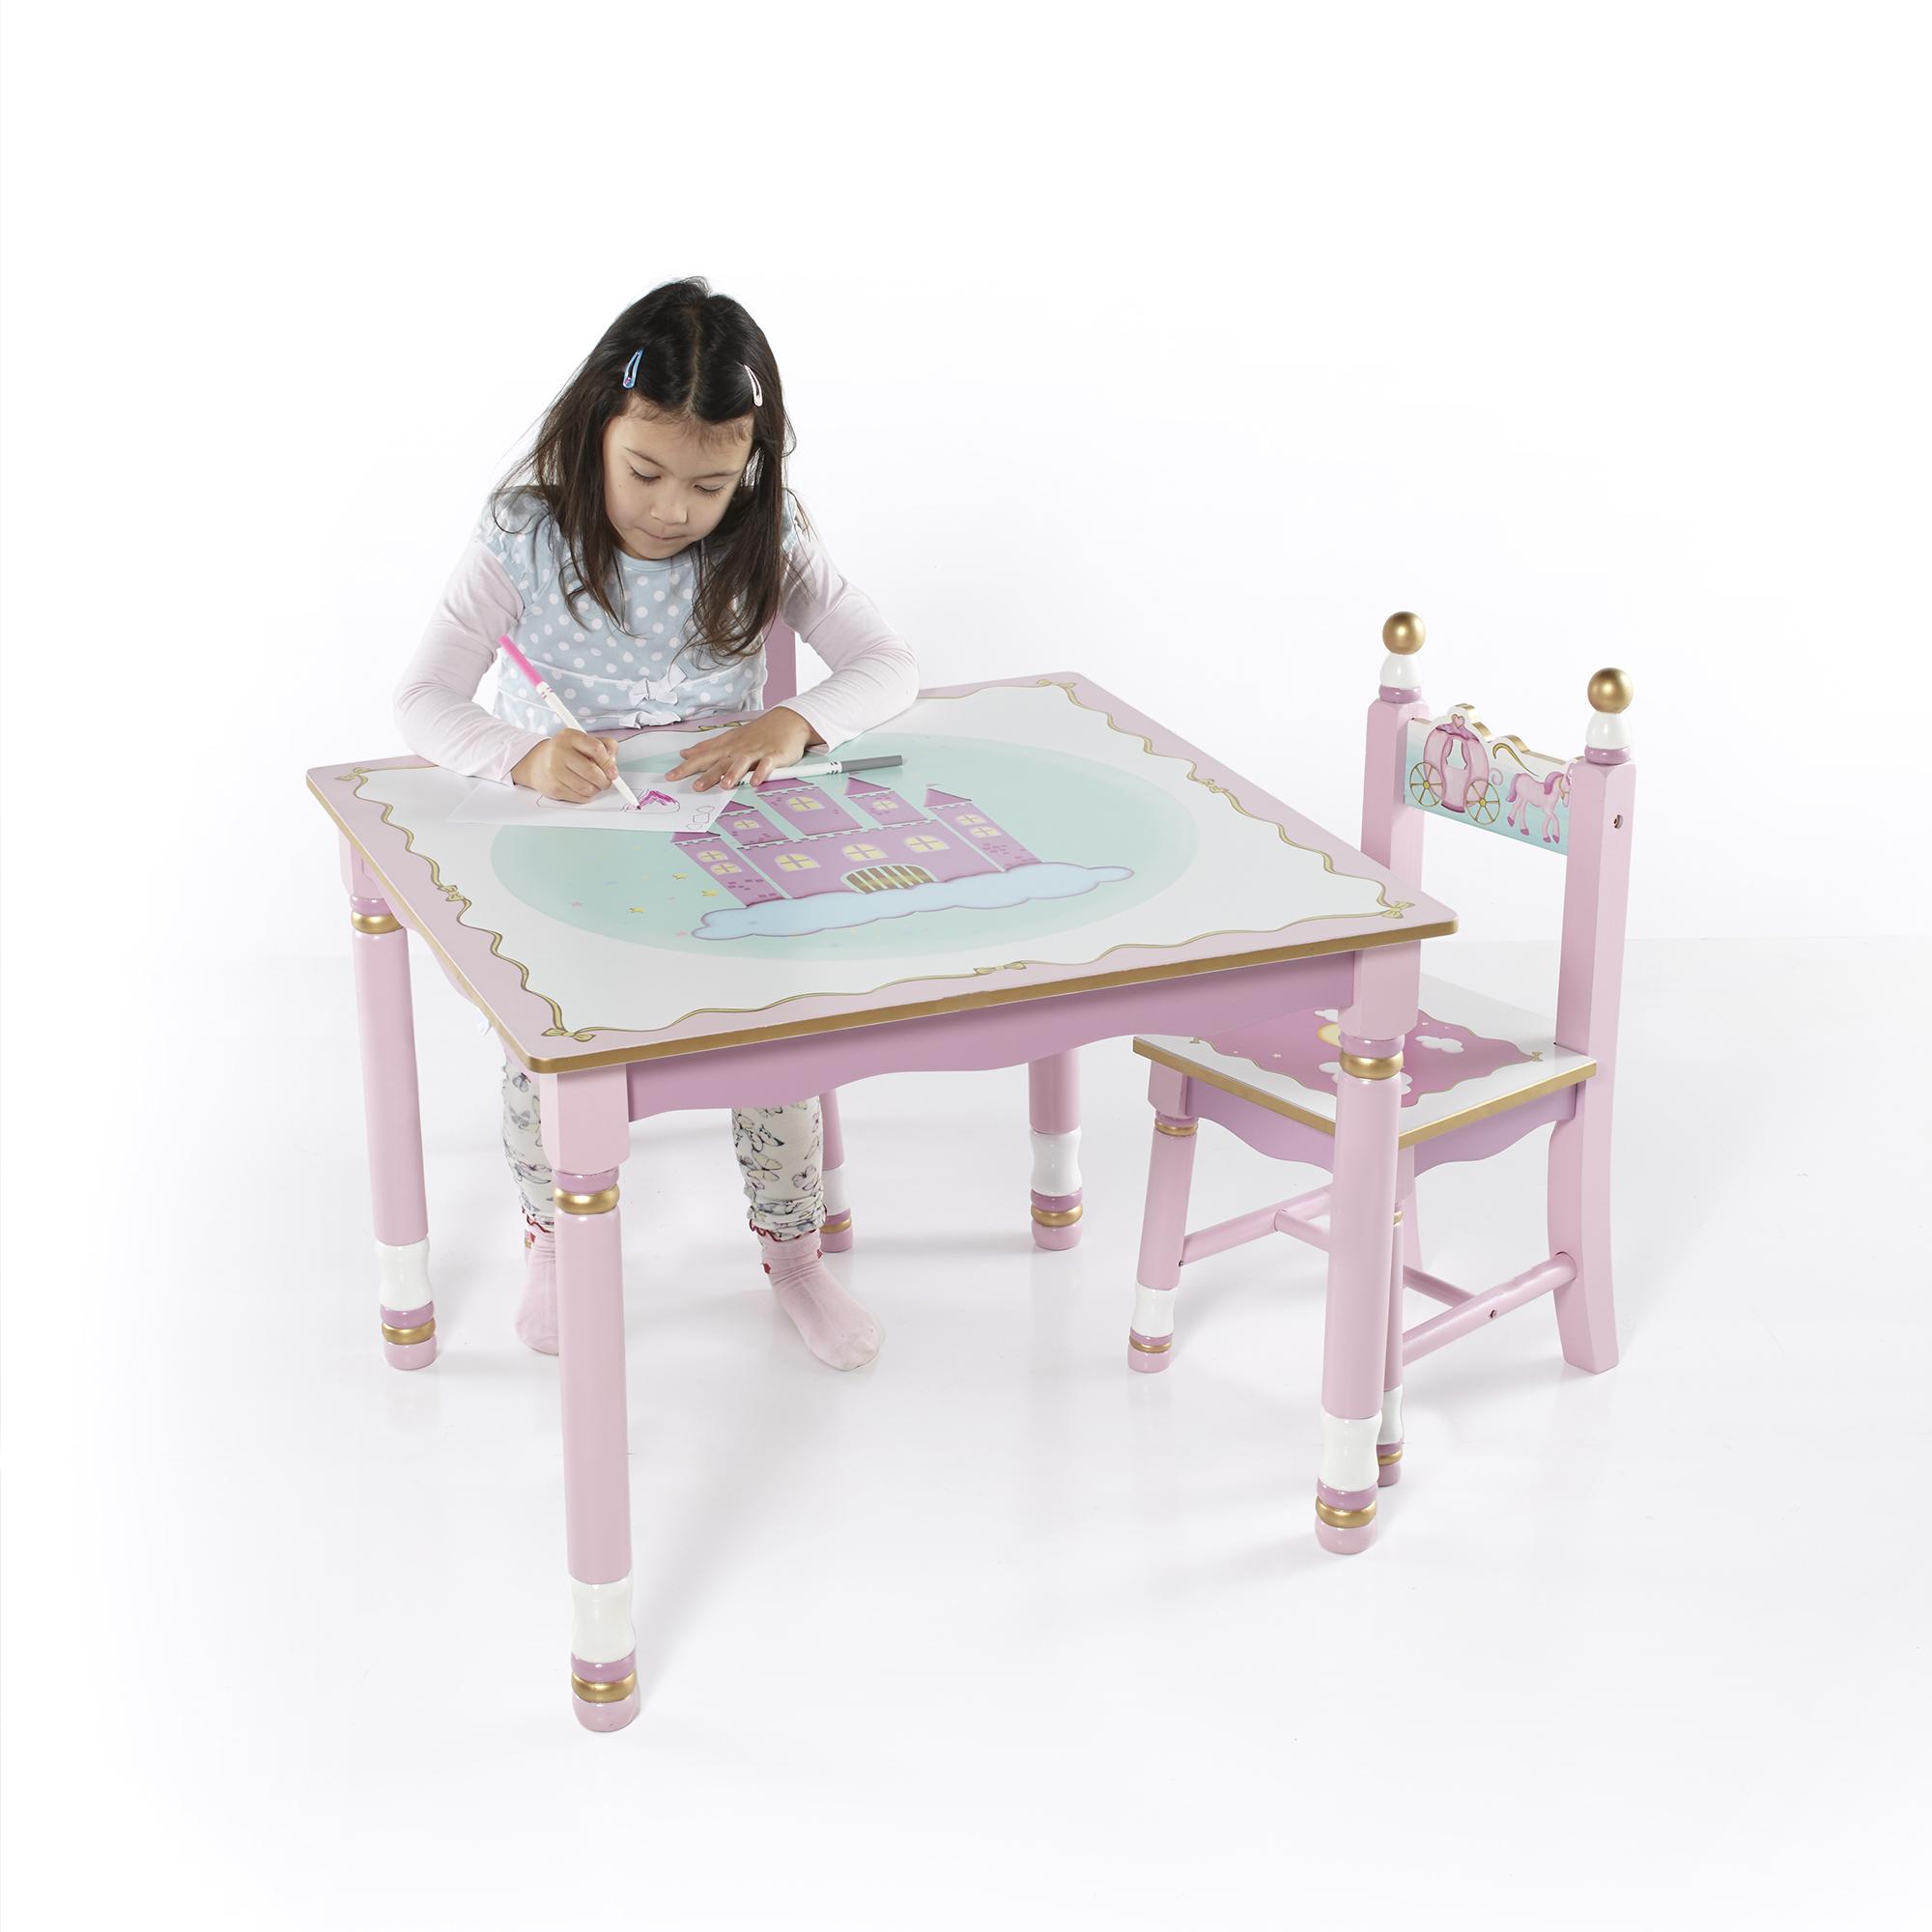 Princess Table and Chairs Set - Walmart.com